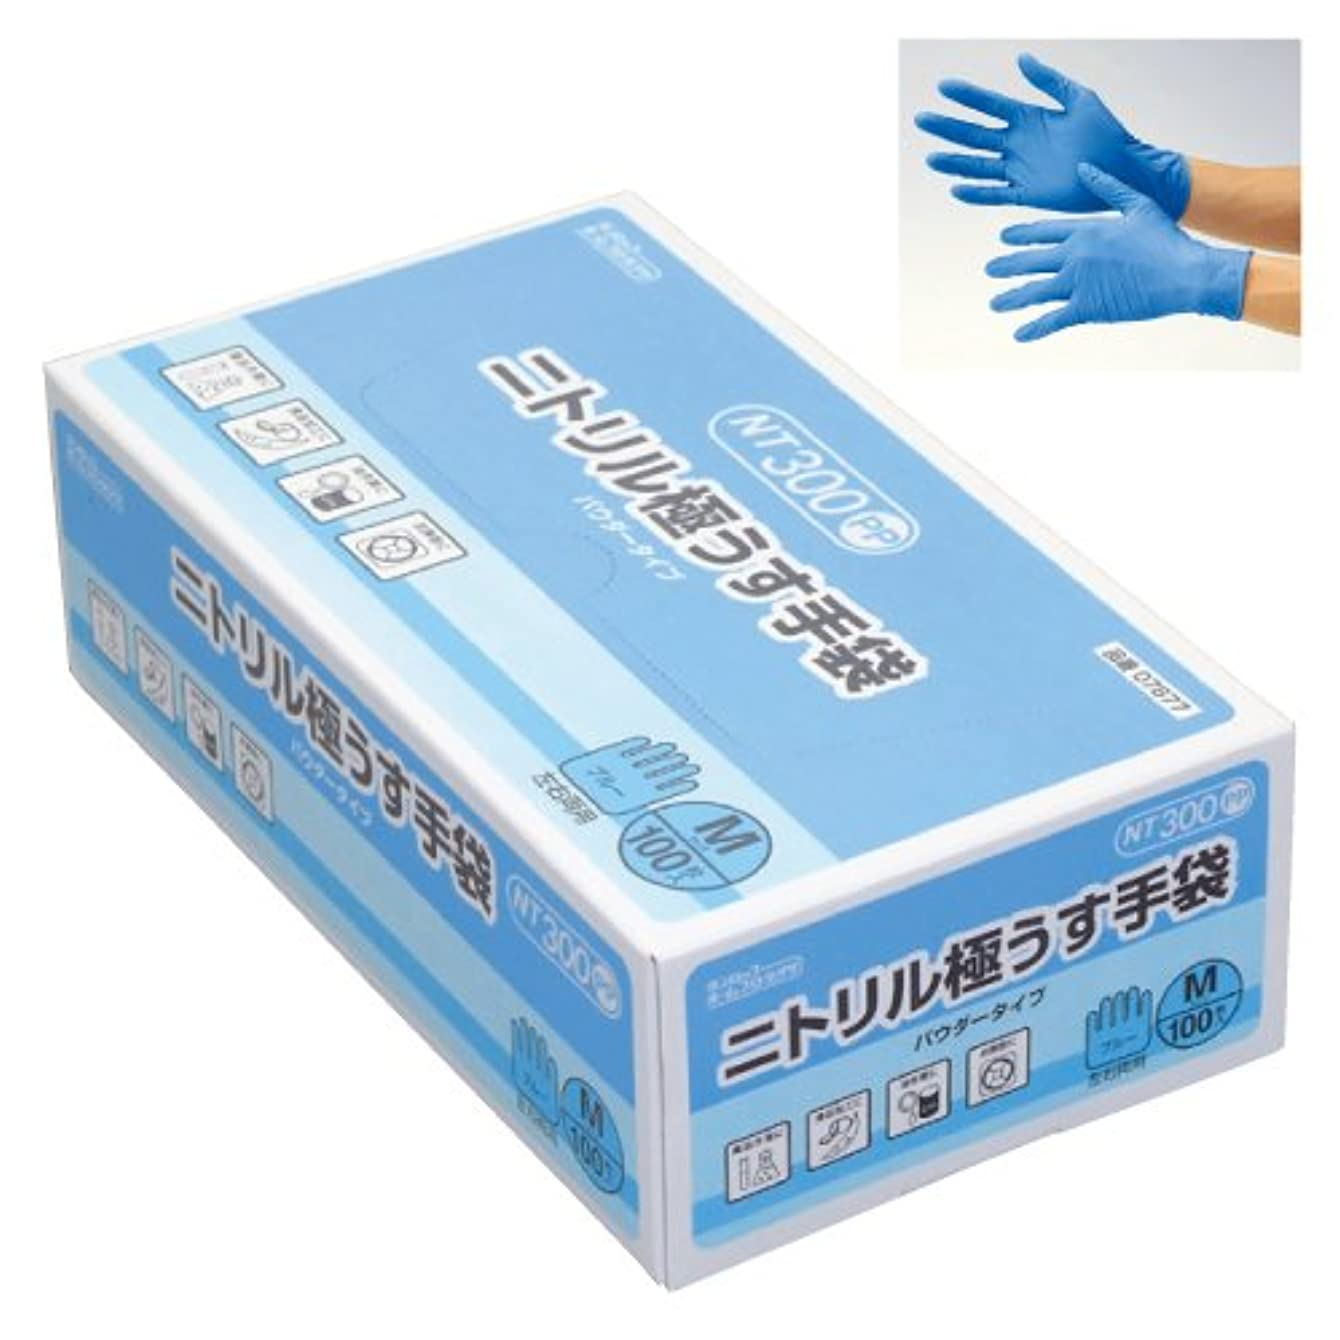 ニトリル極うす手袋 NT300 (23-6073-02)